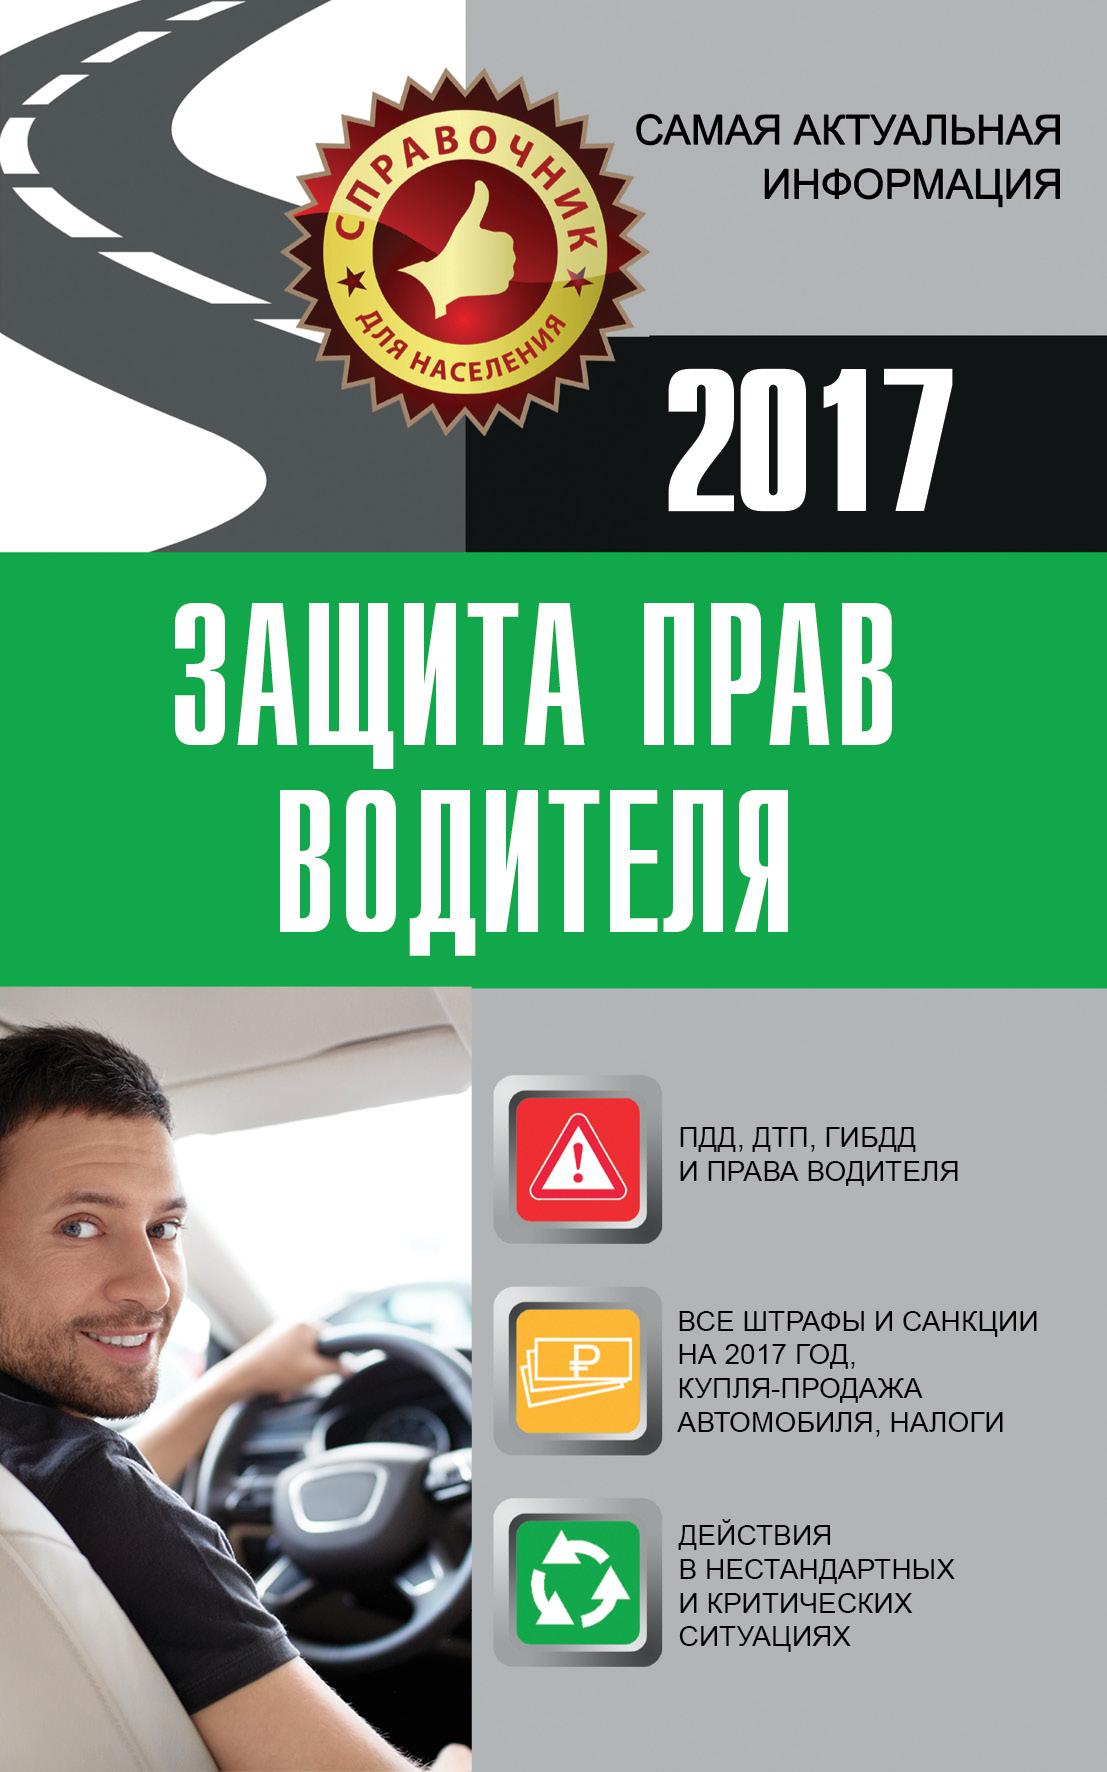 защита прав водителя